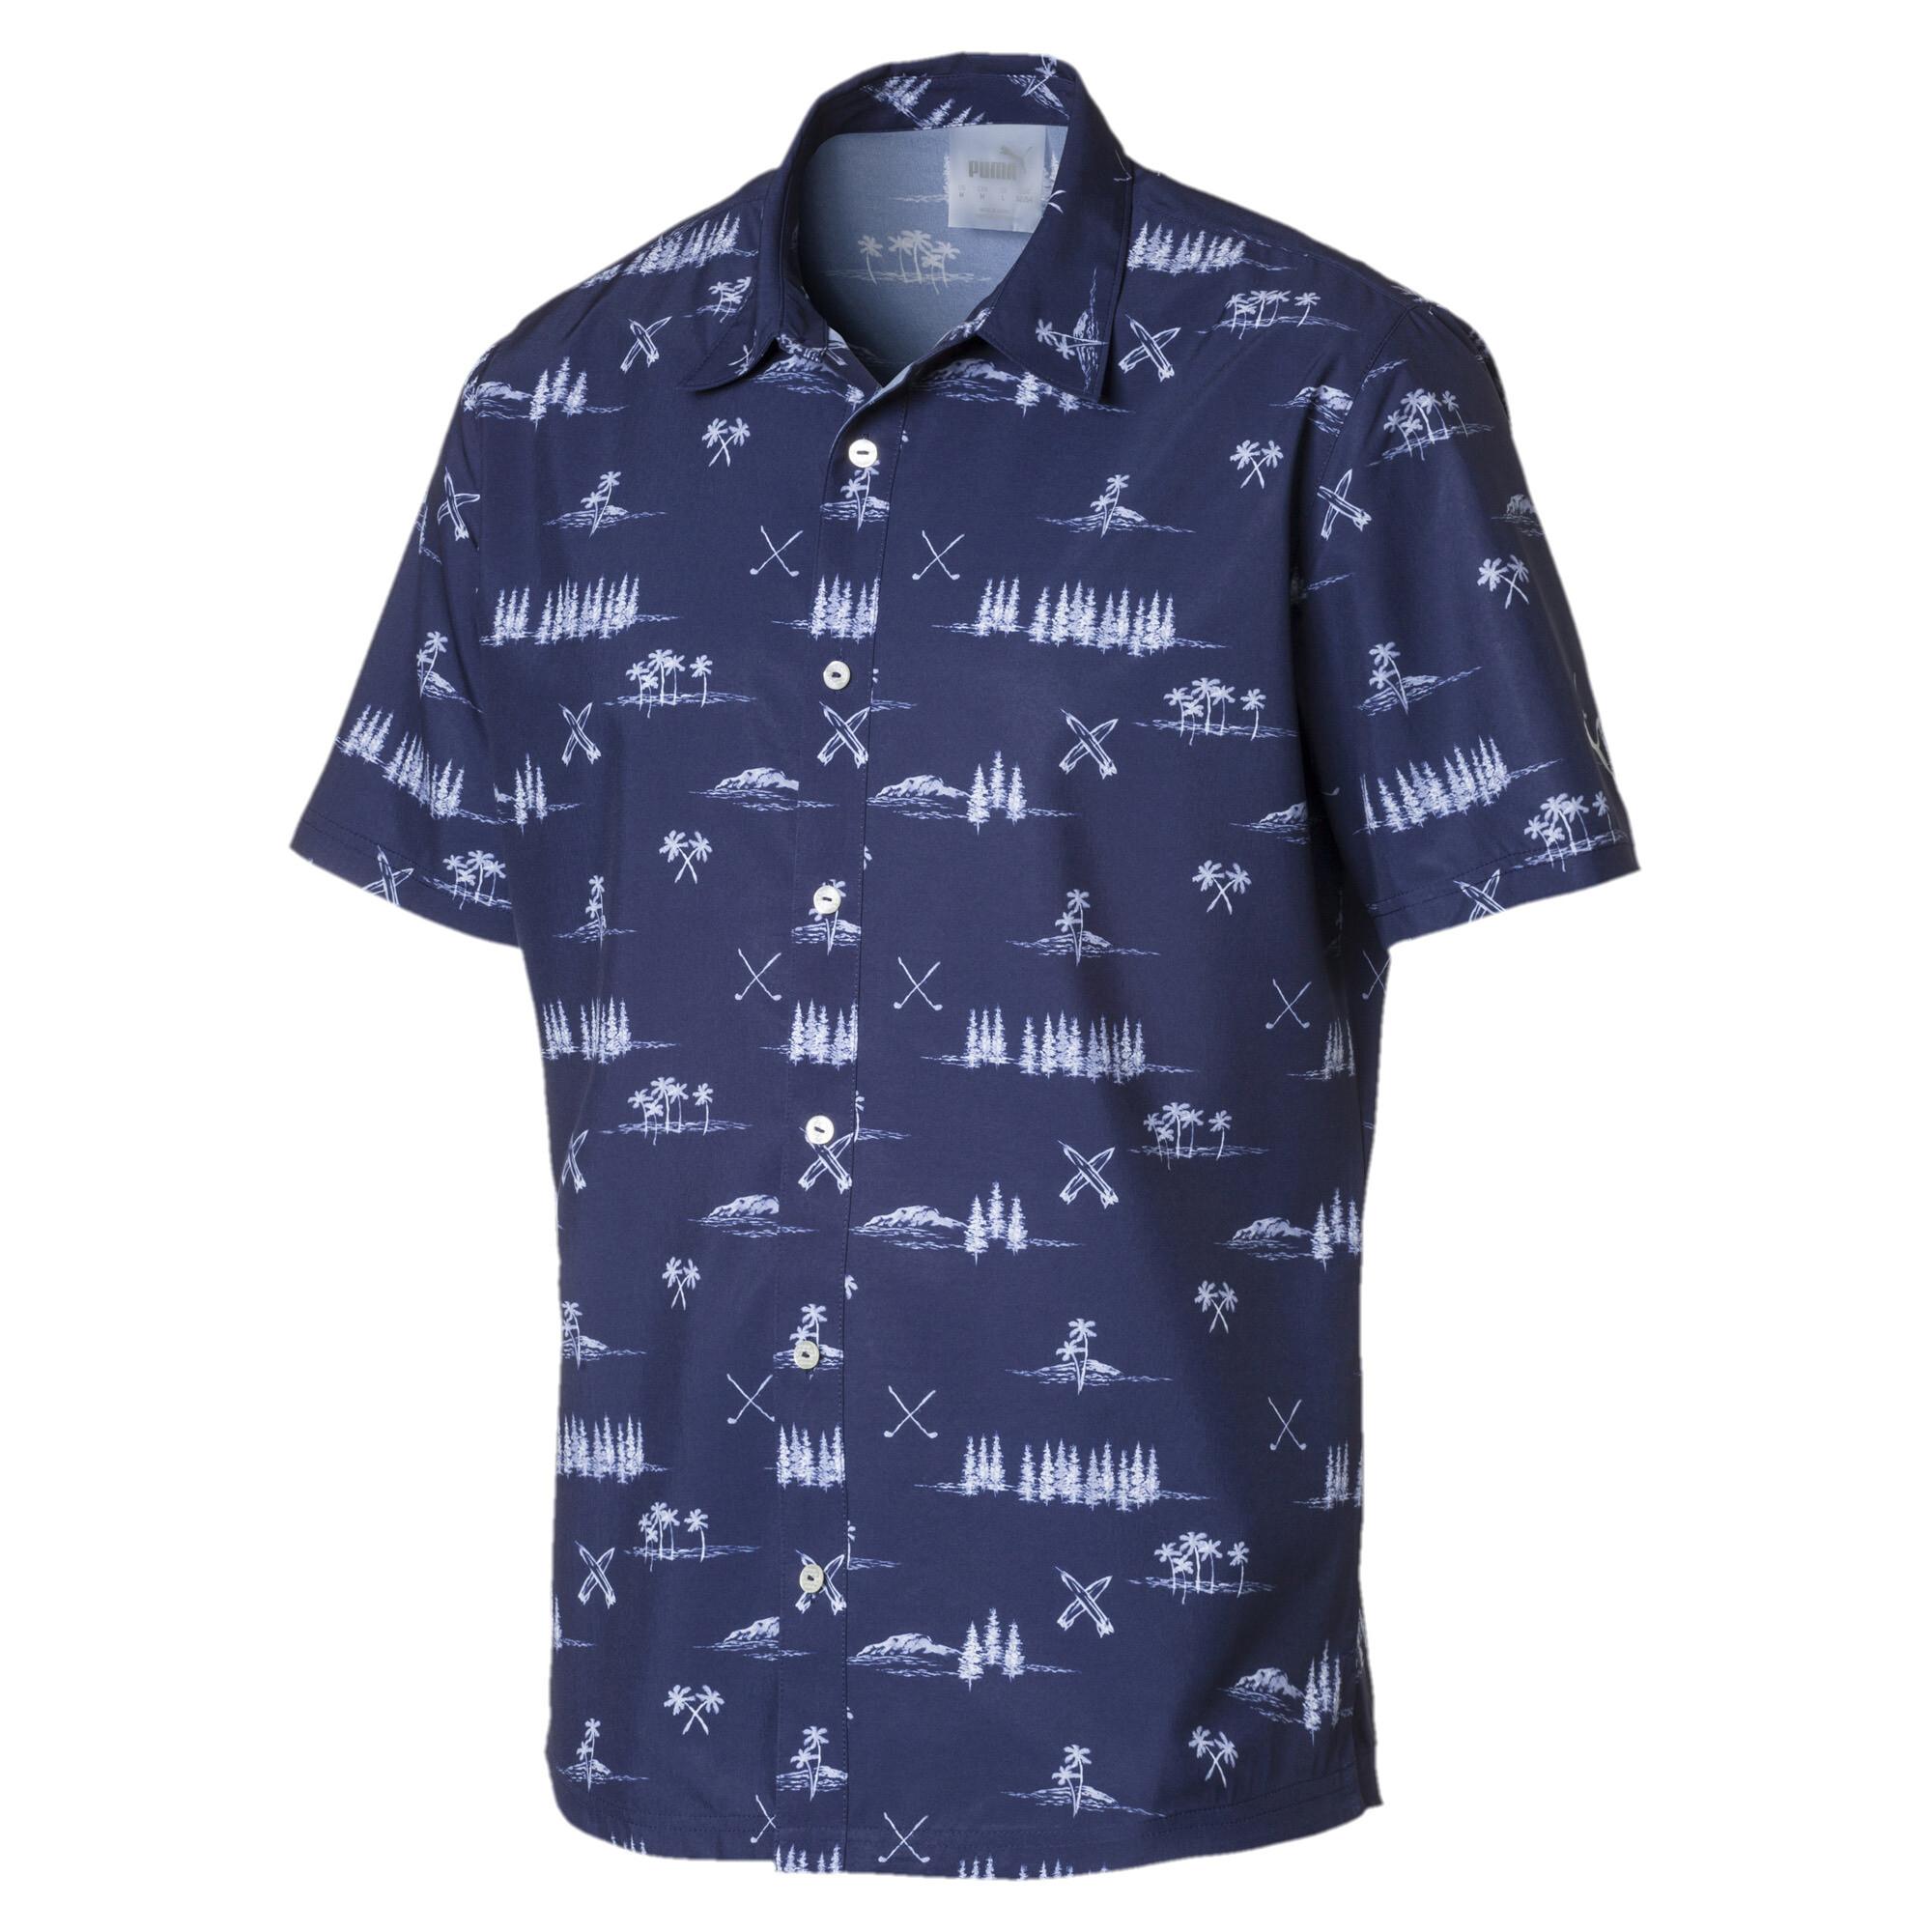 【プーマ公式通販】 プーマ ゴルフ パラダイス シャツ メンズ Peacoat |PUMA.com